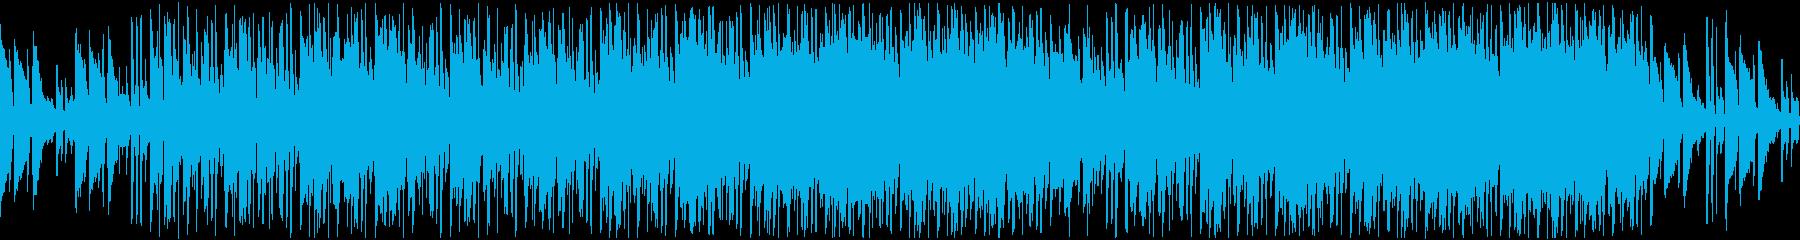 アコギ主体のチル+アンビエント系ループの再生済みの波形